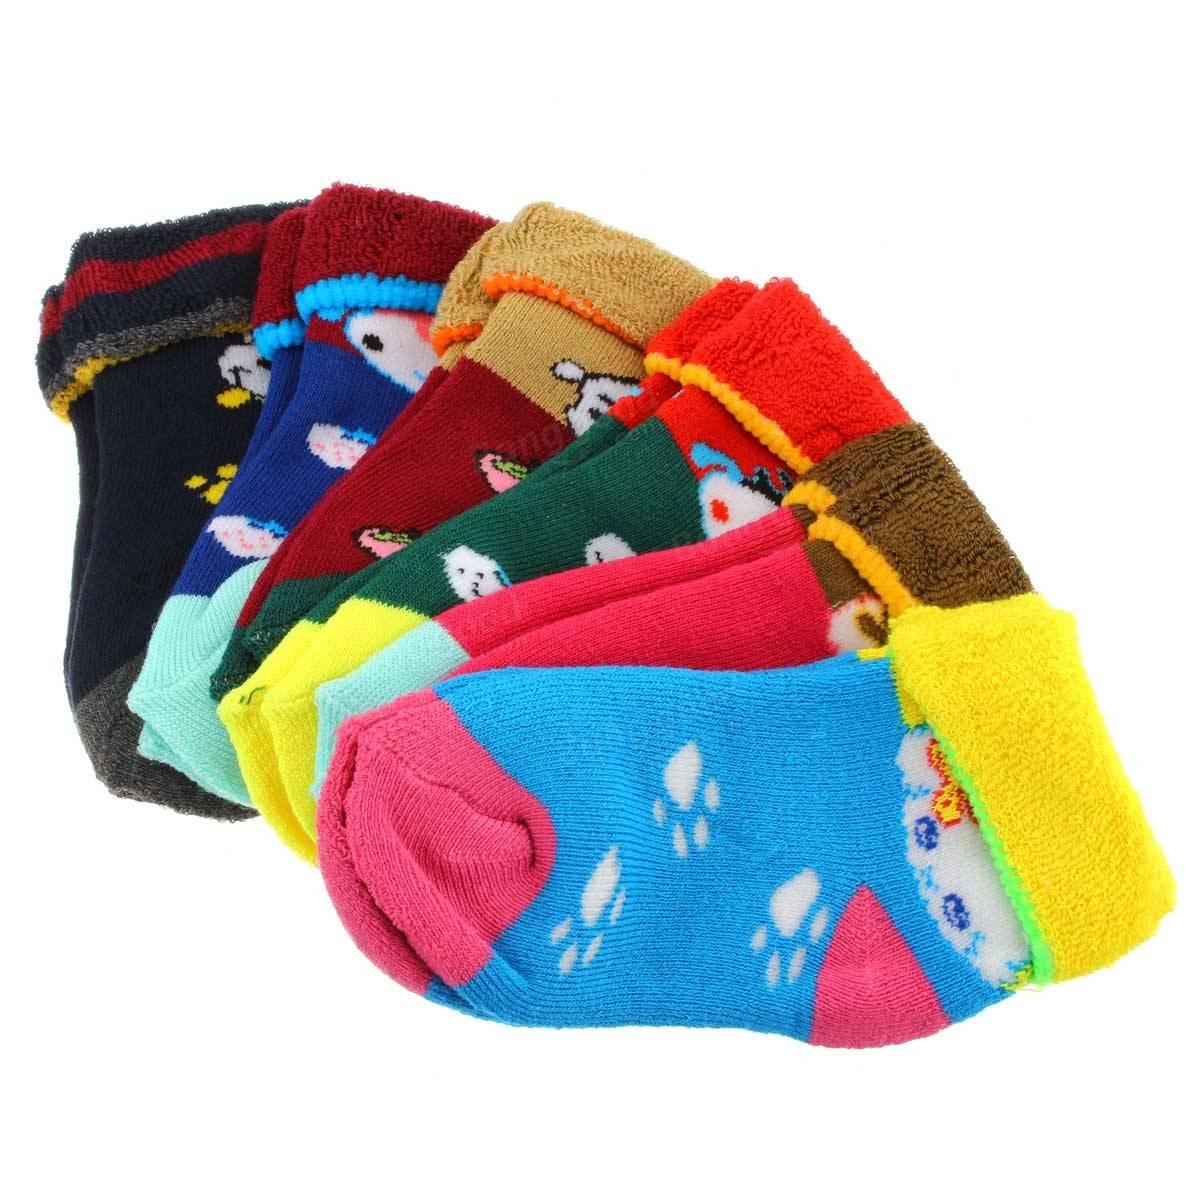 10 pais chaussettes en coton bébé enfant épaississent bas enfant pantoufle antidérapant hiver chaud